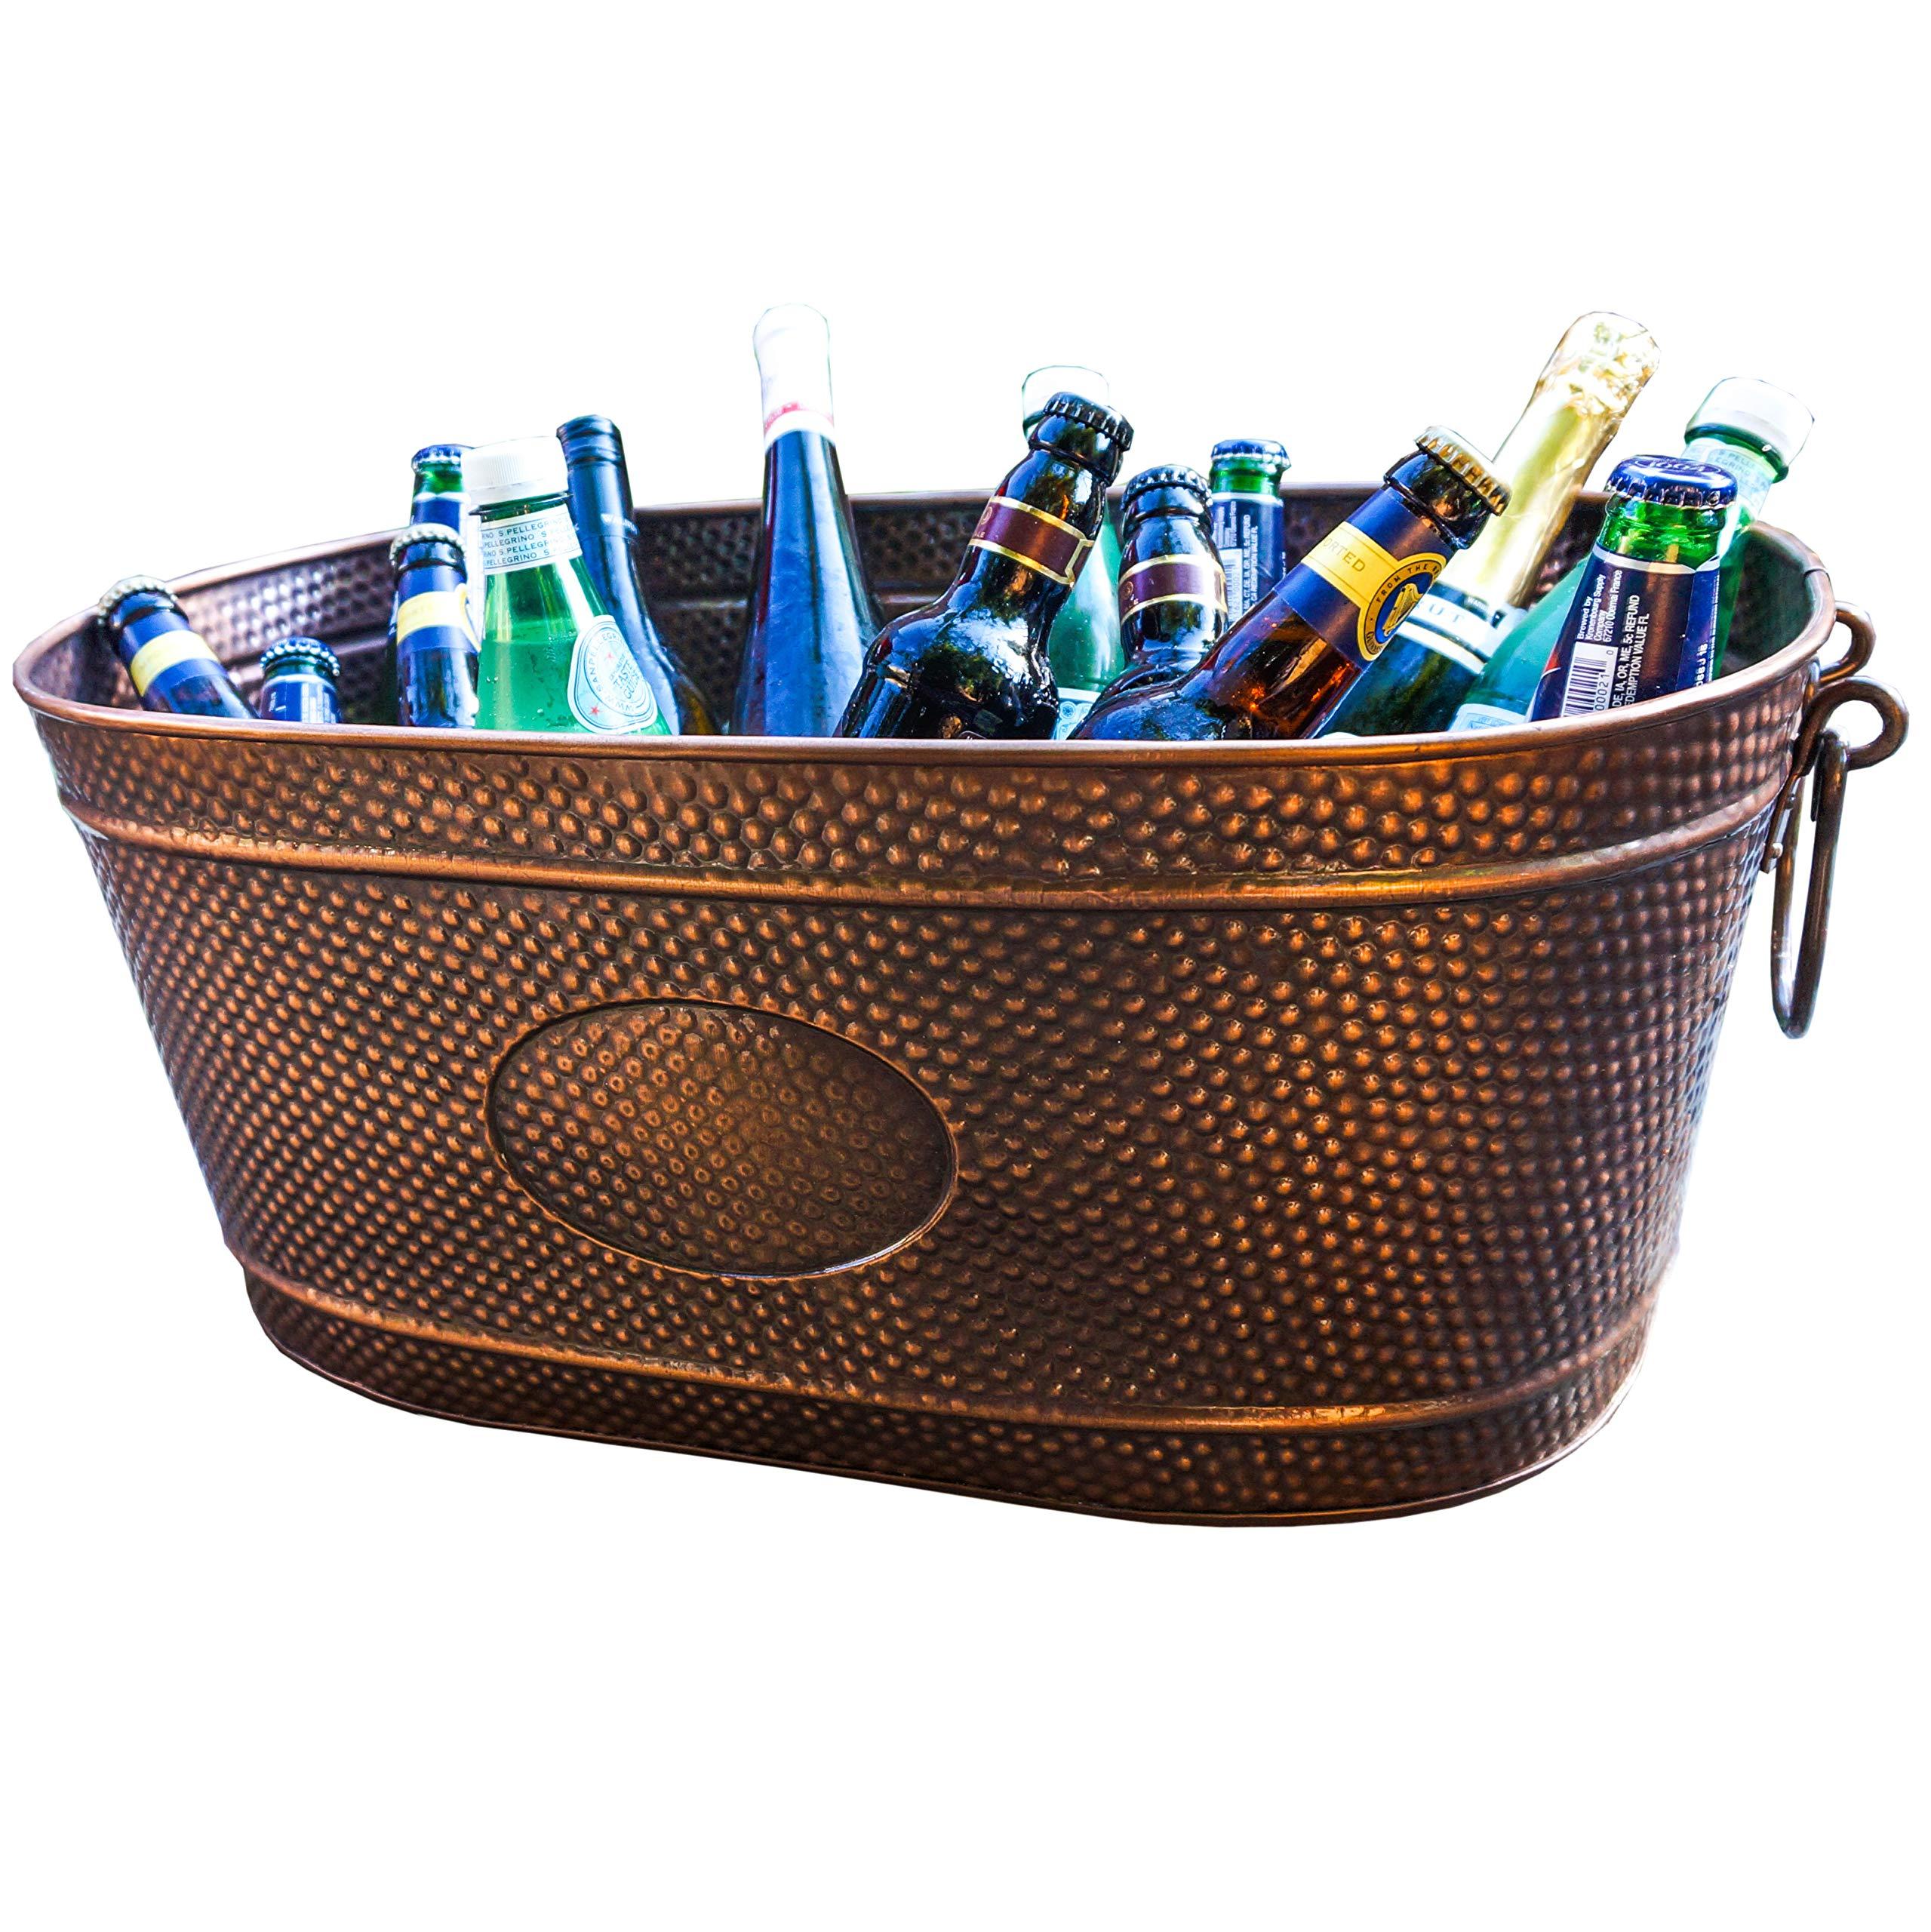 BREKX 16436 Colt Hammered Copper Finish Beverage Party Tub & Wine Chiller - Large - Galvanized Bronze by BREKX